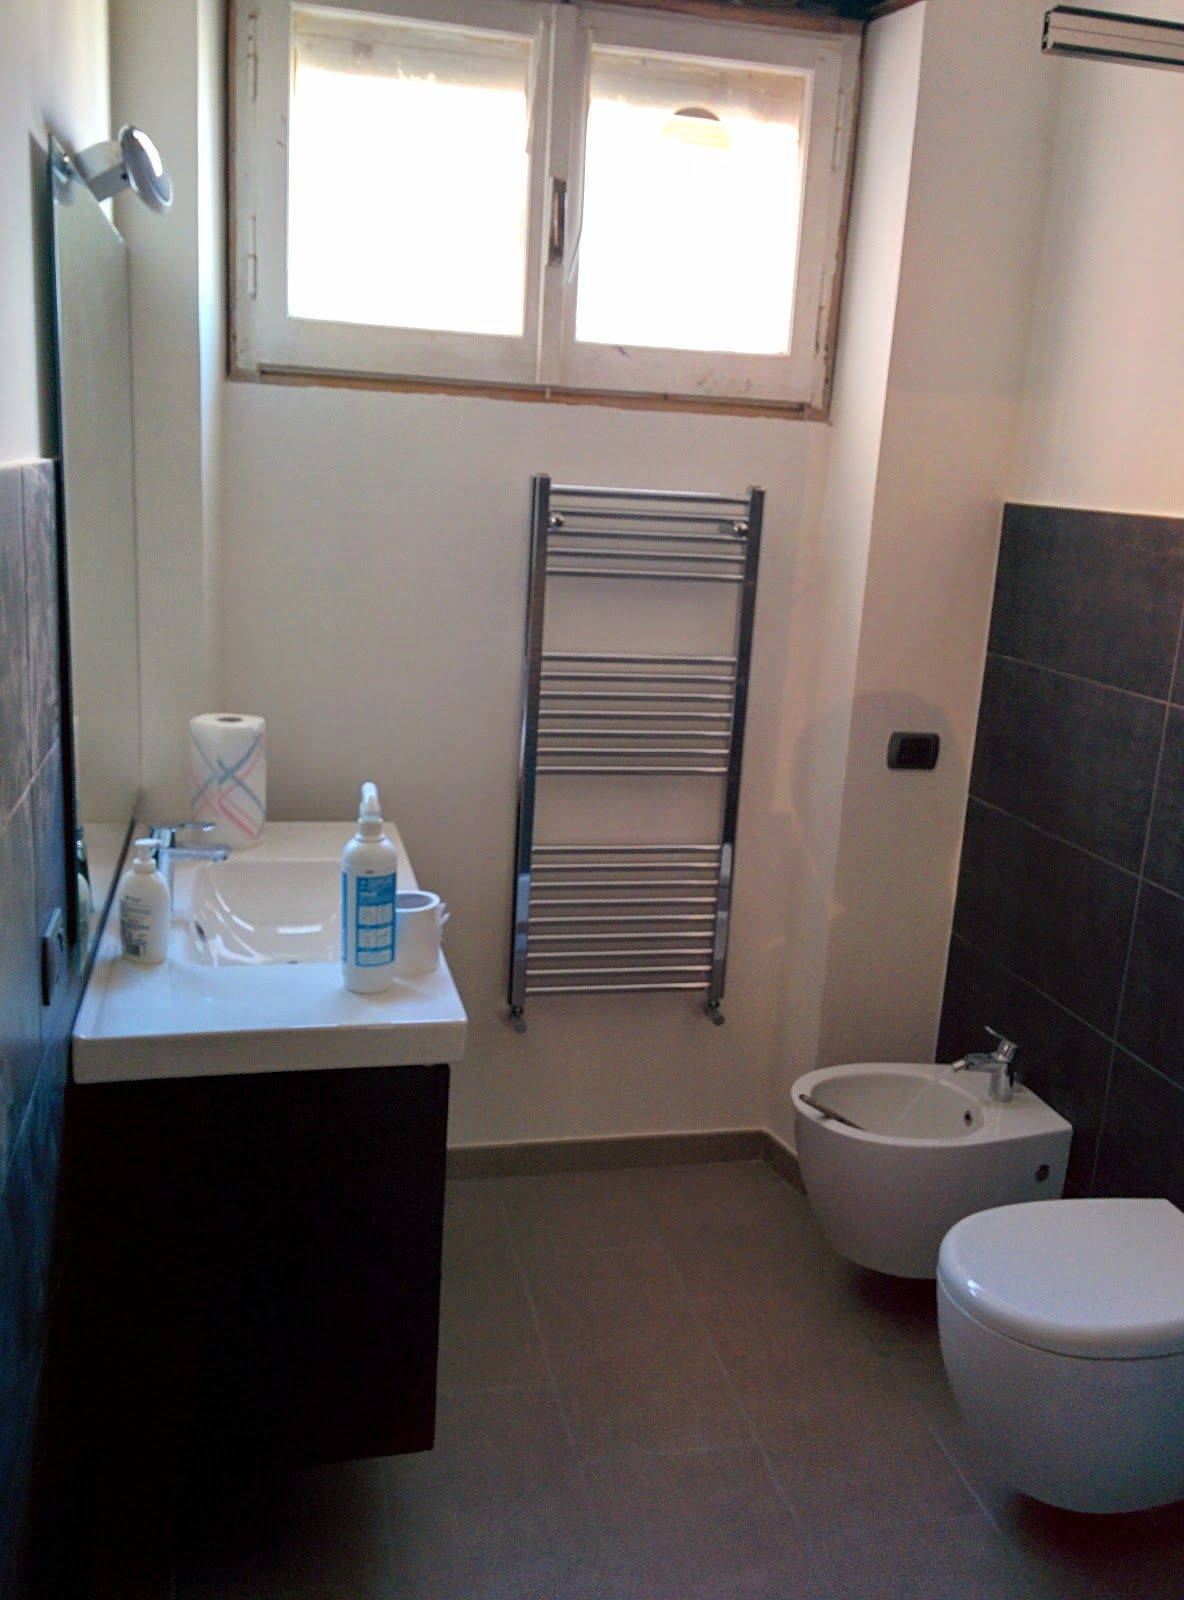 bagno secondario con rivestimento a parete a media altezza in gres porcellanato effetto lavagna